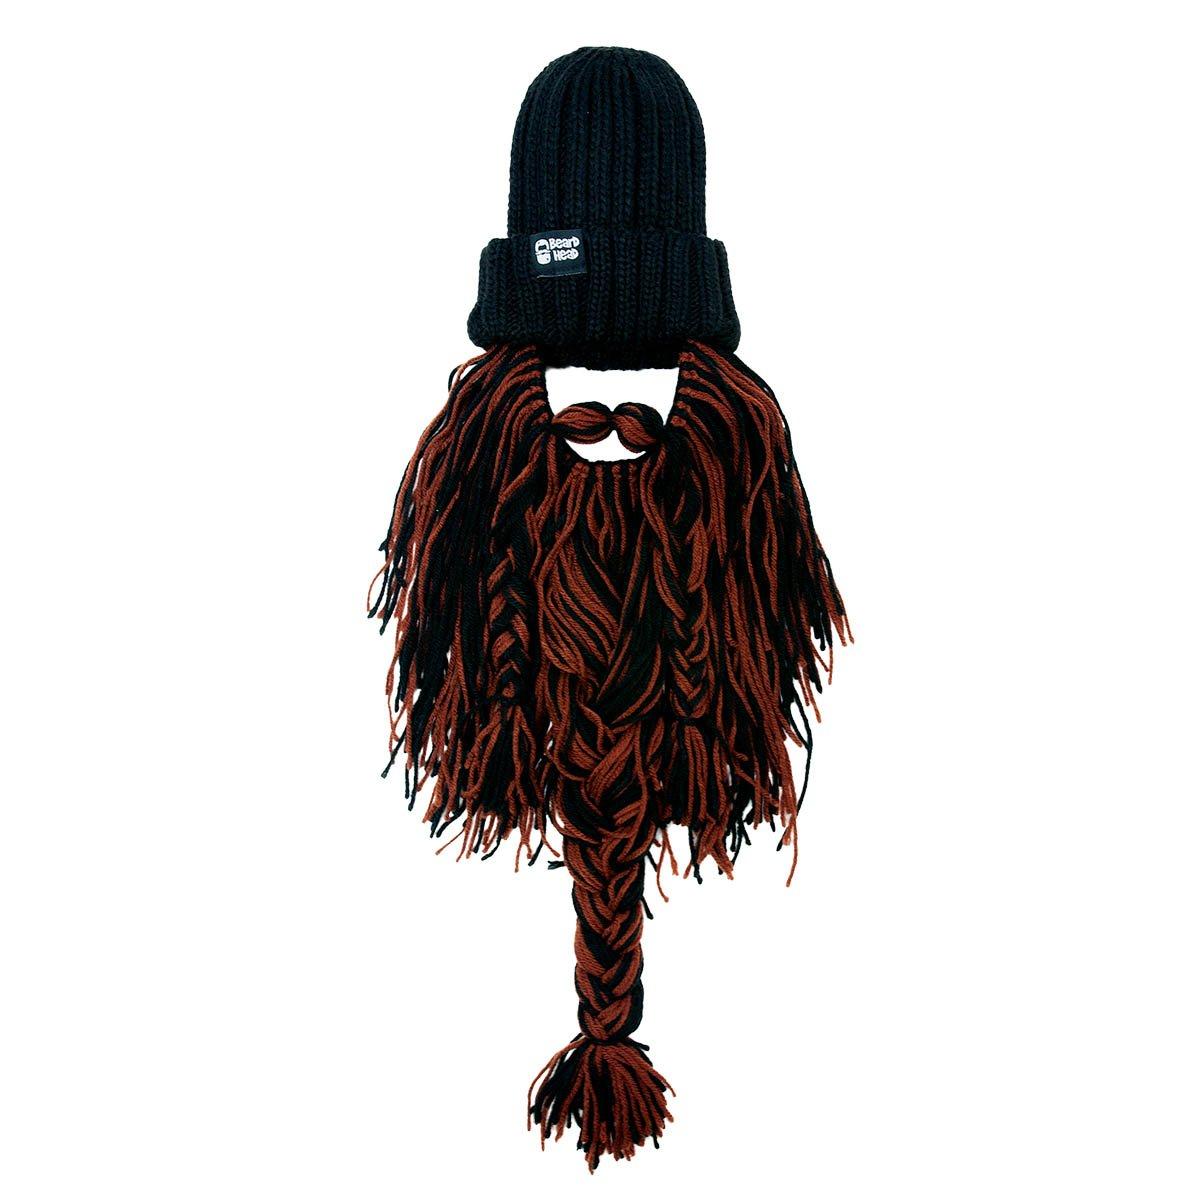 Beard Beard Beard Head Bartmütze – Barbar Rocker – Lustige Strickmütze und falscher Bart Gesichtsmaske B01BMS8GEU Strickmützen Neue Sorten werden eingeführt a81bb6